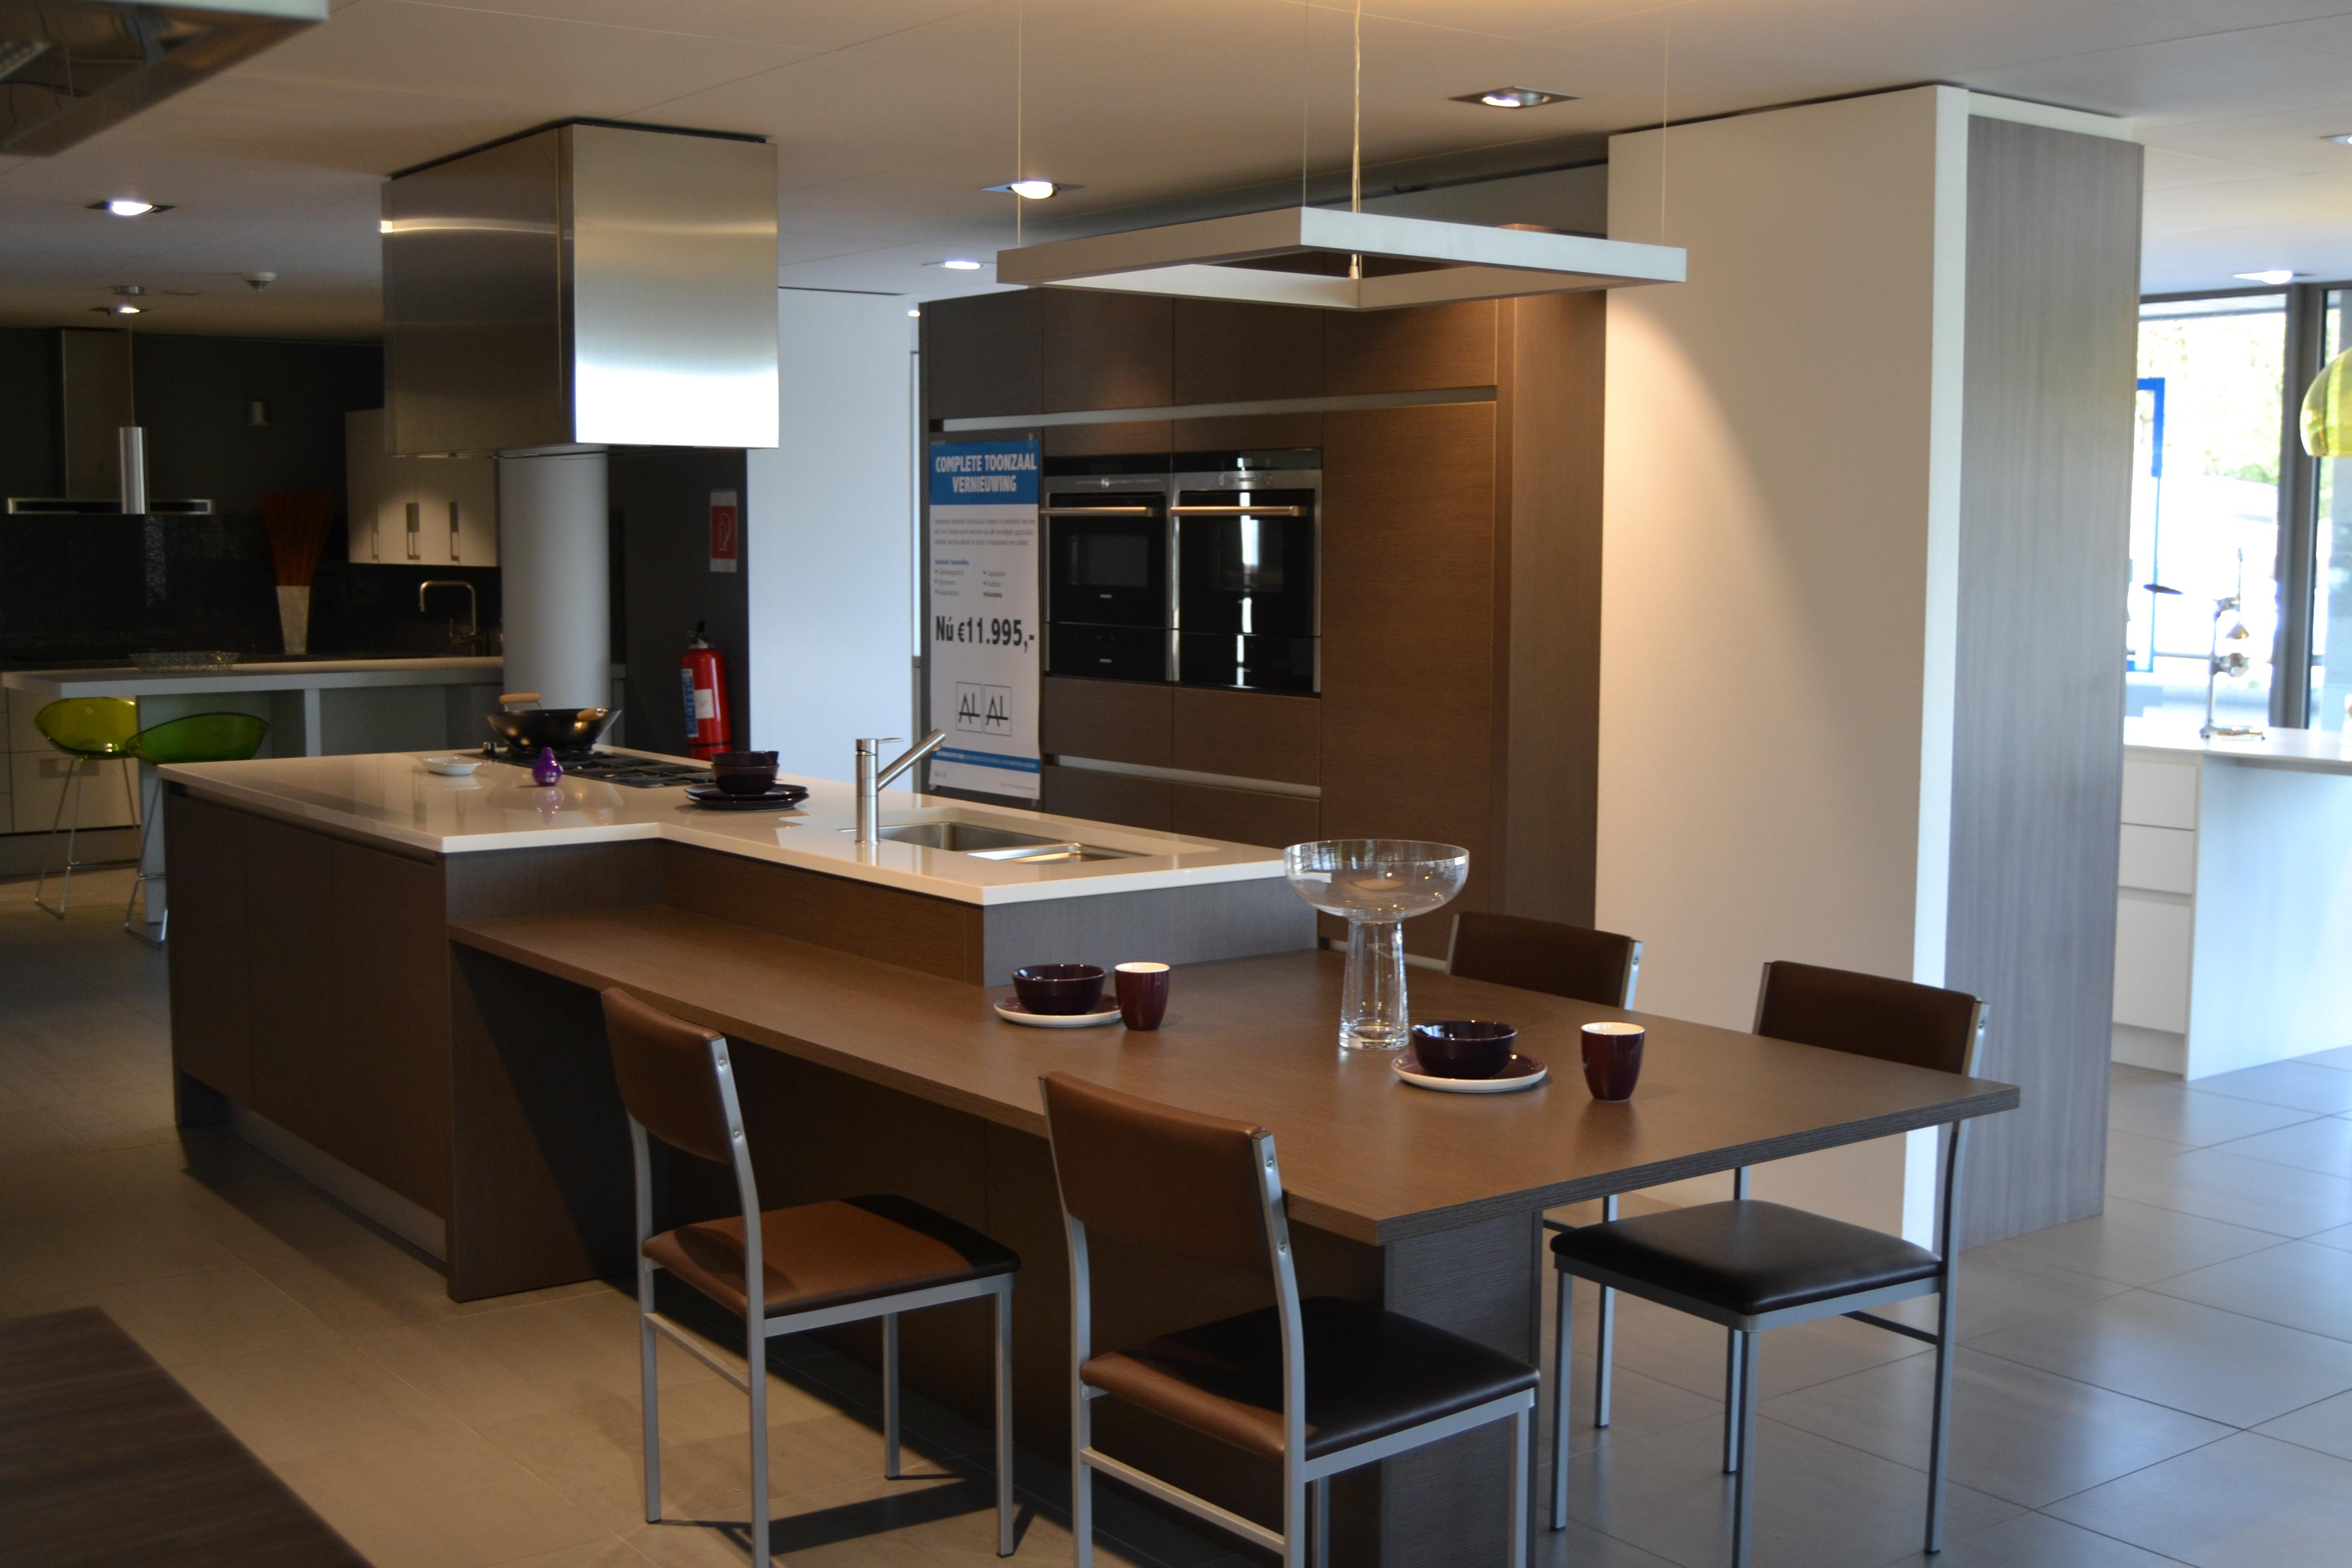 Home Keukens Toonzalen Realisaties Ons Bedrijf Trends Dsm